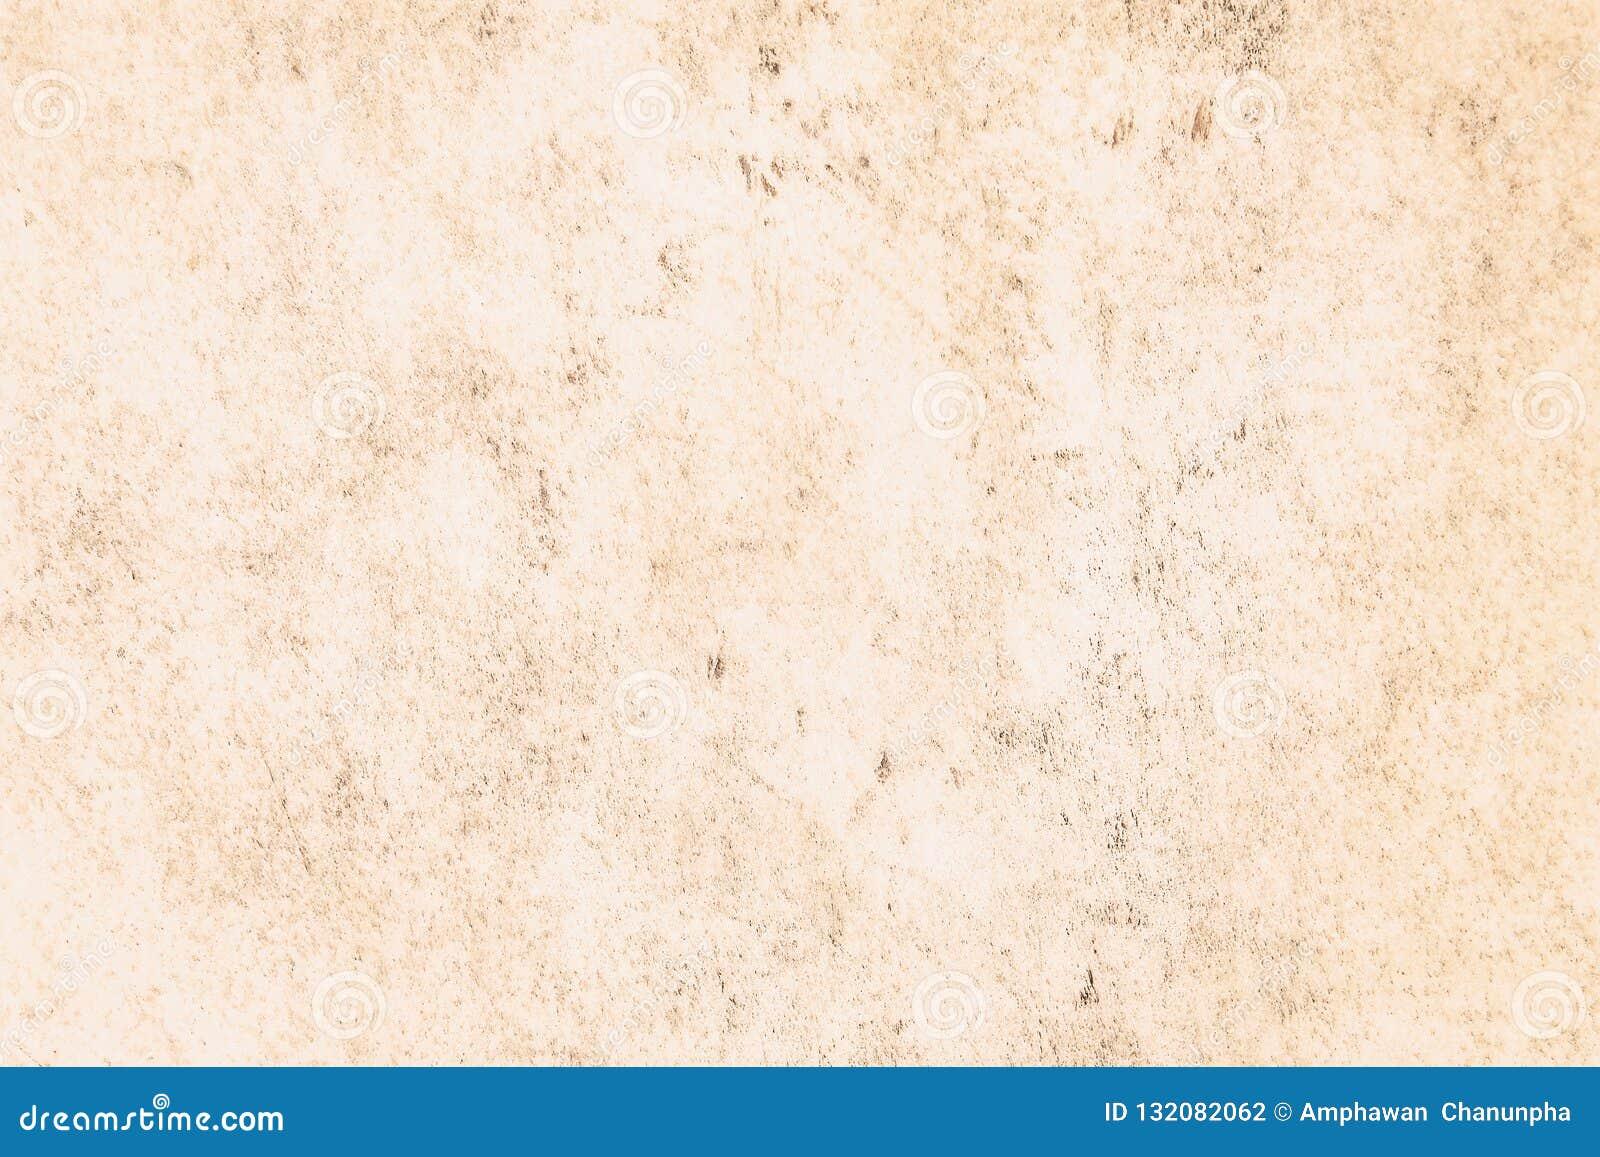 Tambour de modèles de cuir de texture, fond abstrait brun clair